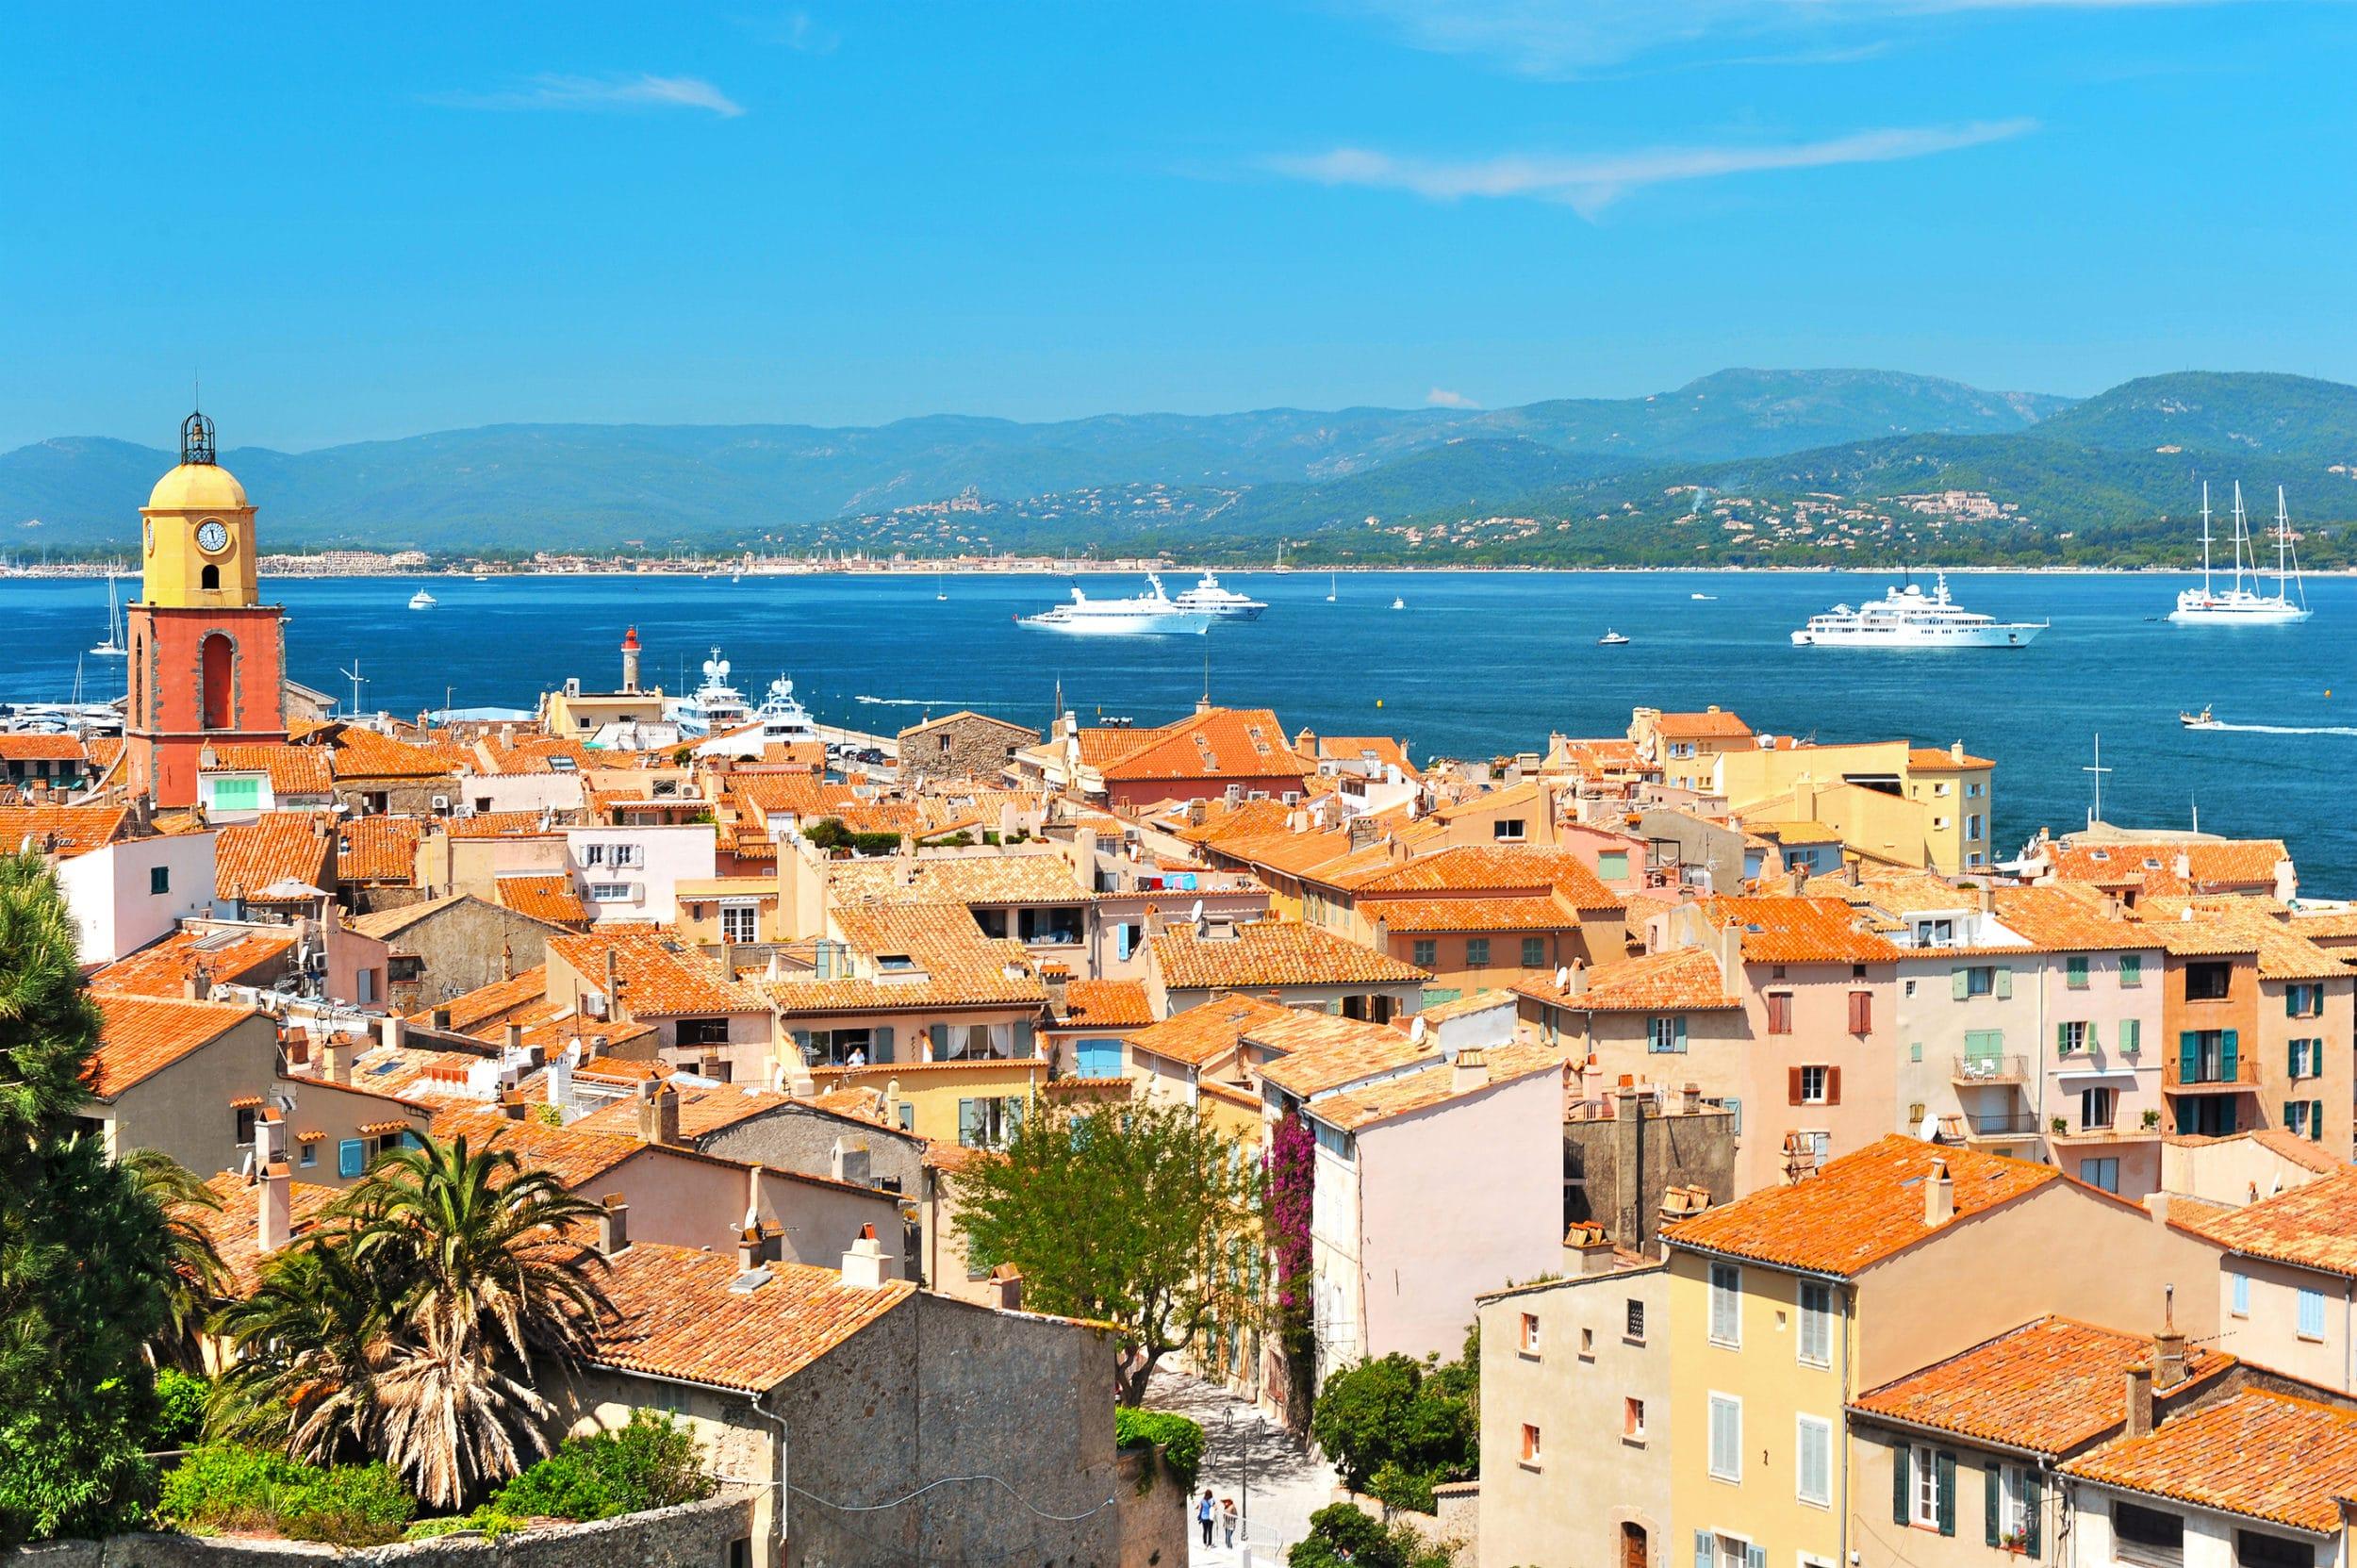 French Riviera: Saint-Tropez